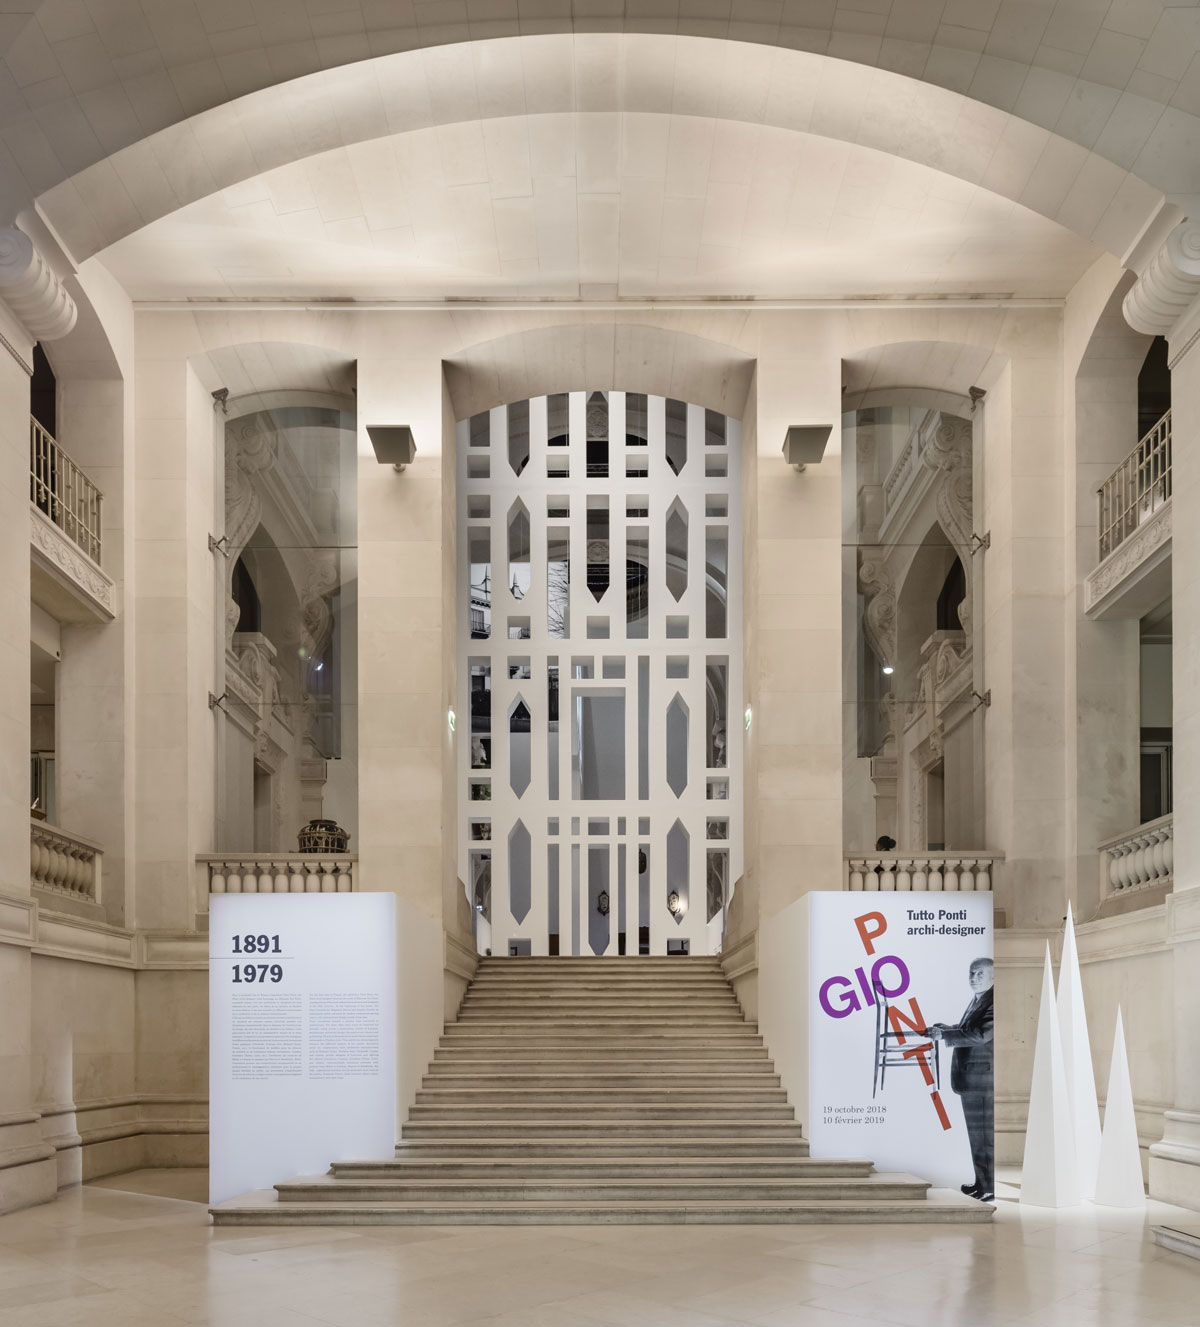 """MAD, Musée des Arts Décoratifs, exposition """" Tutto Ponti, Gio Ponti  Archi-Designer"""", 2018, Paris."""